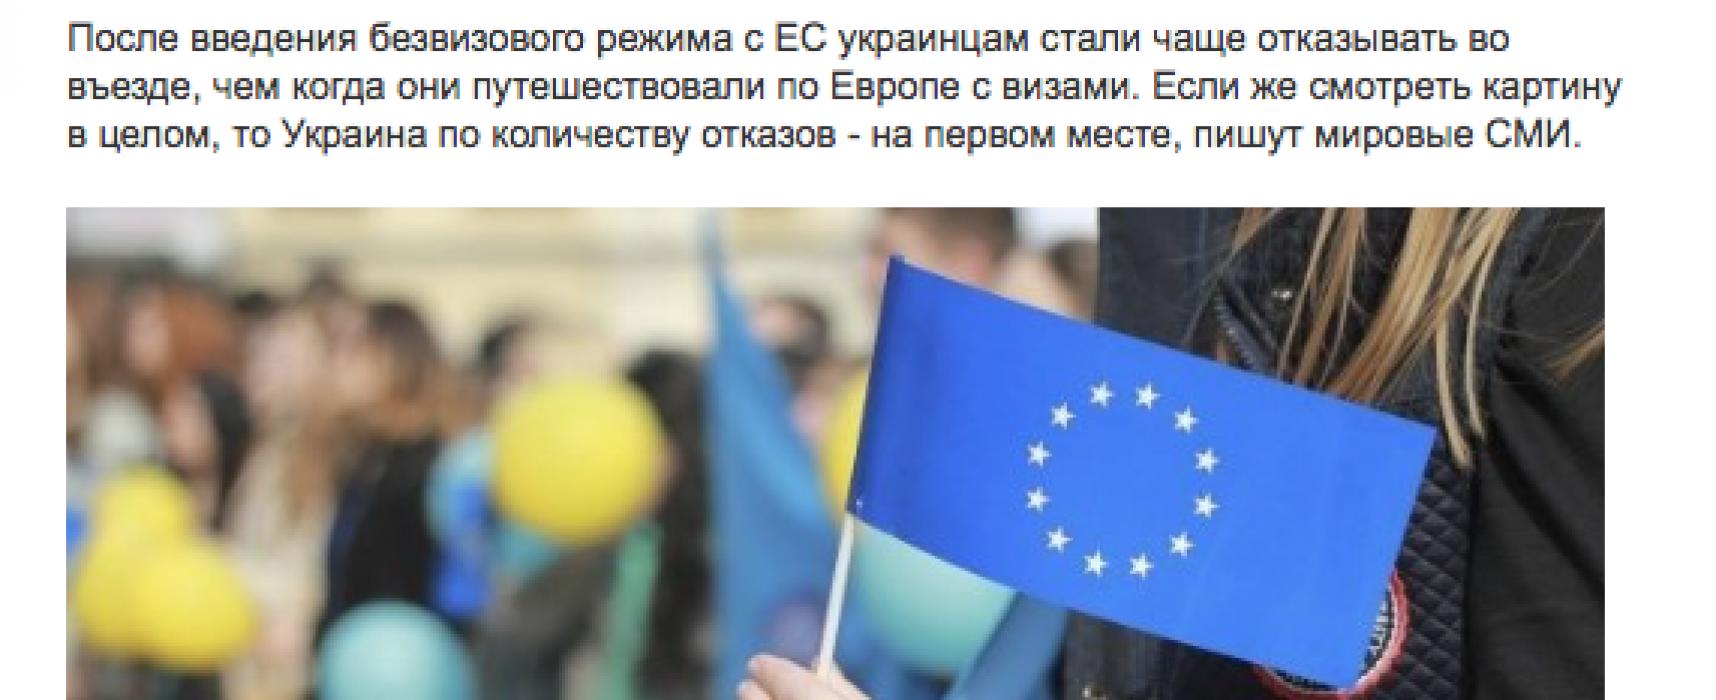 Фейк: Граждан Украины массово депортируют из ЕС и Израиля